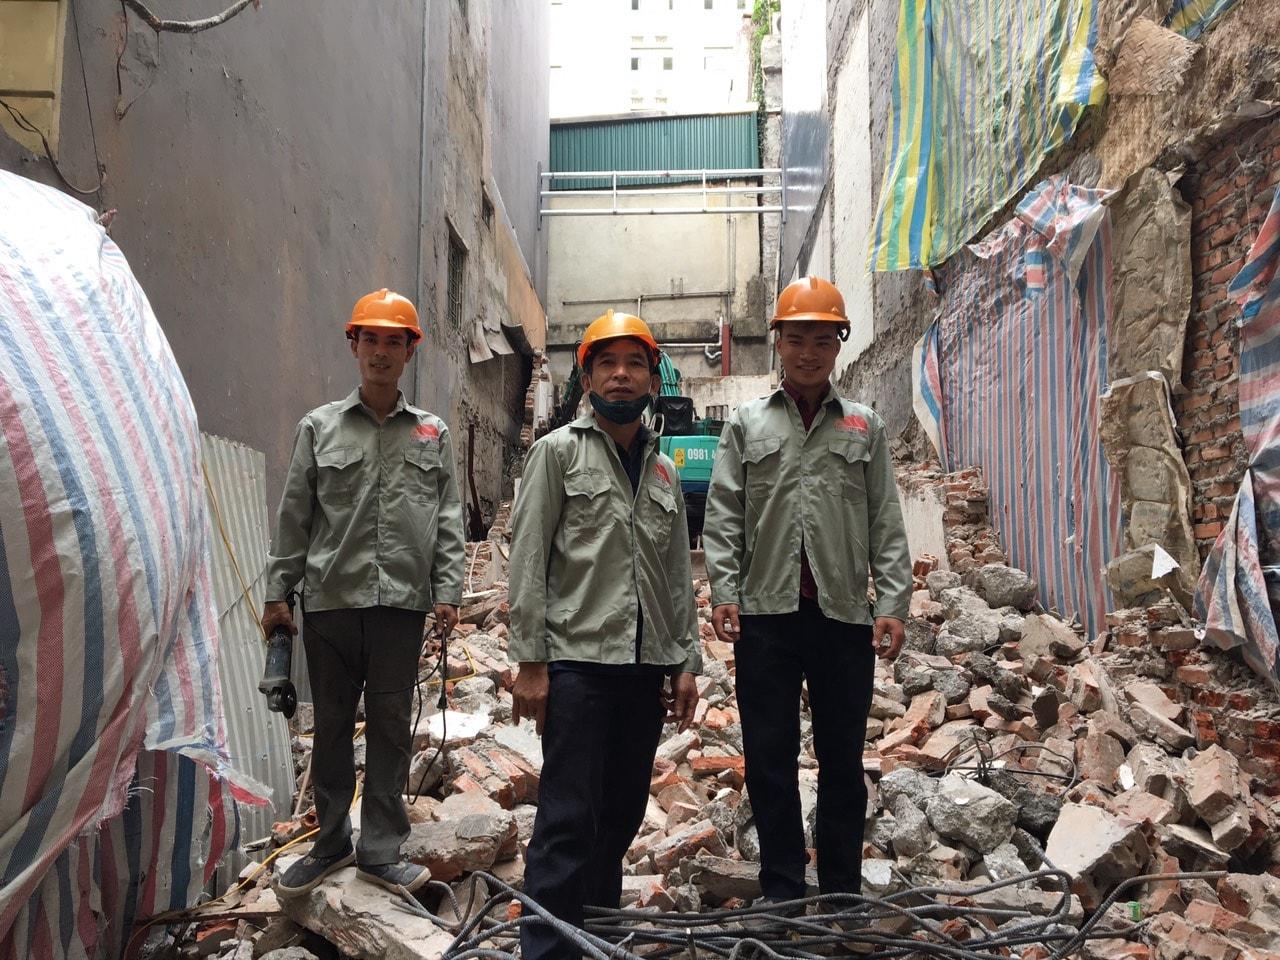 Báo giá phá dỡ nhà cũ tại Hà Nội [Update T5/2020 XD Trường Sinh]